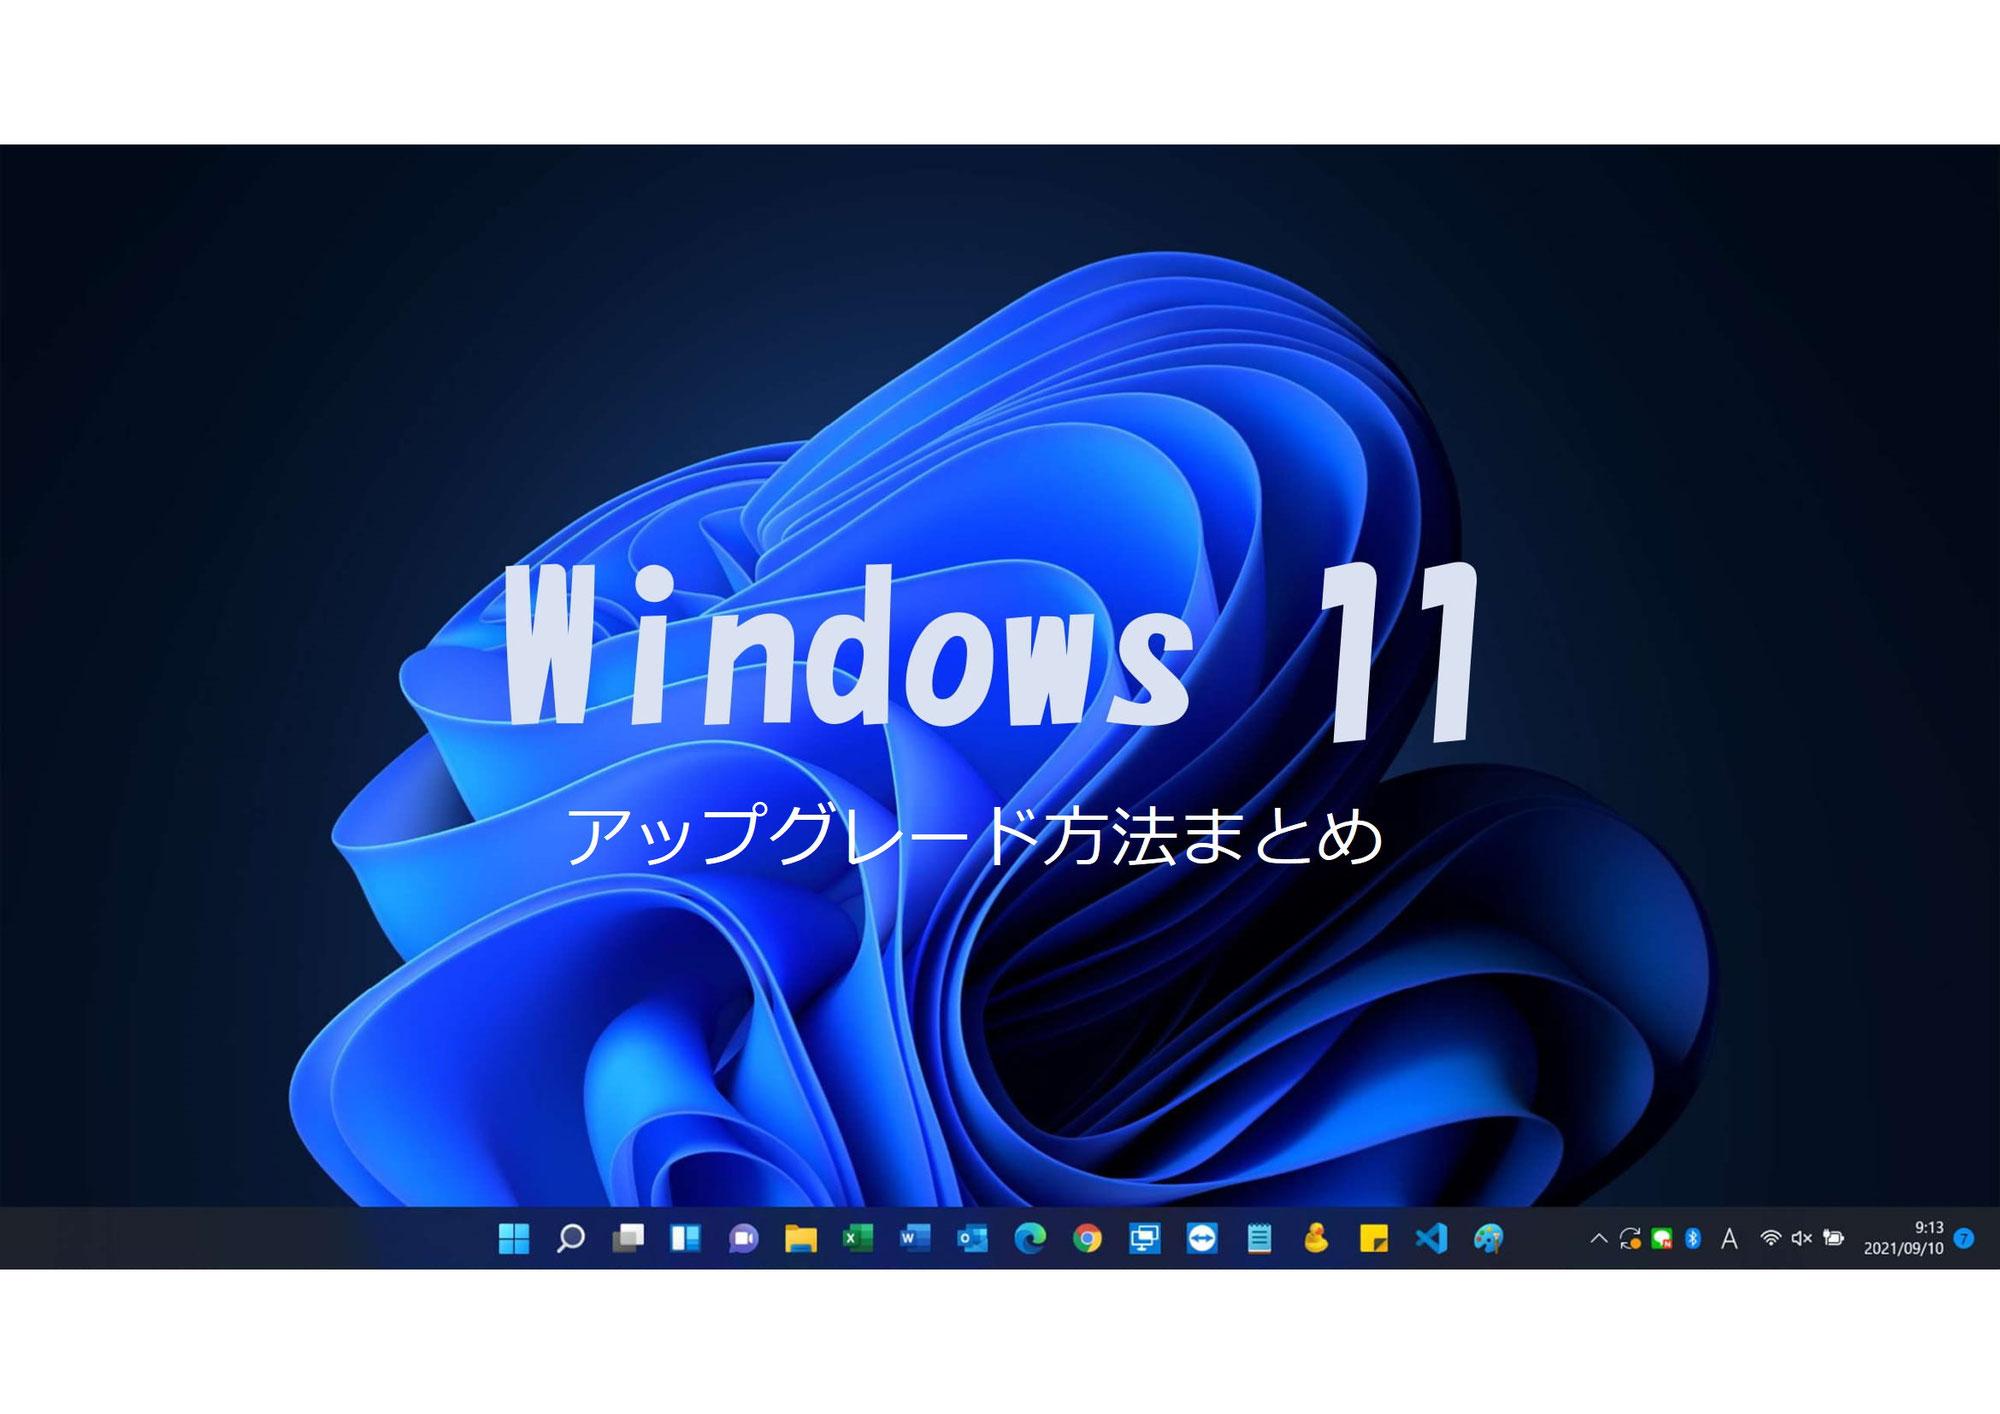 【用語解説あり】Windows11へのアップグレード方法